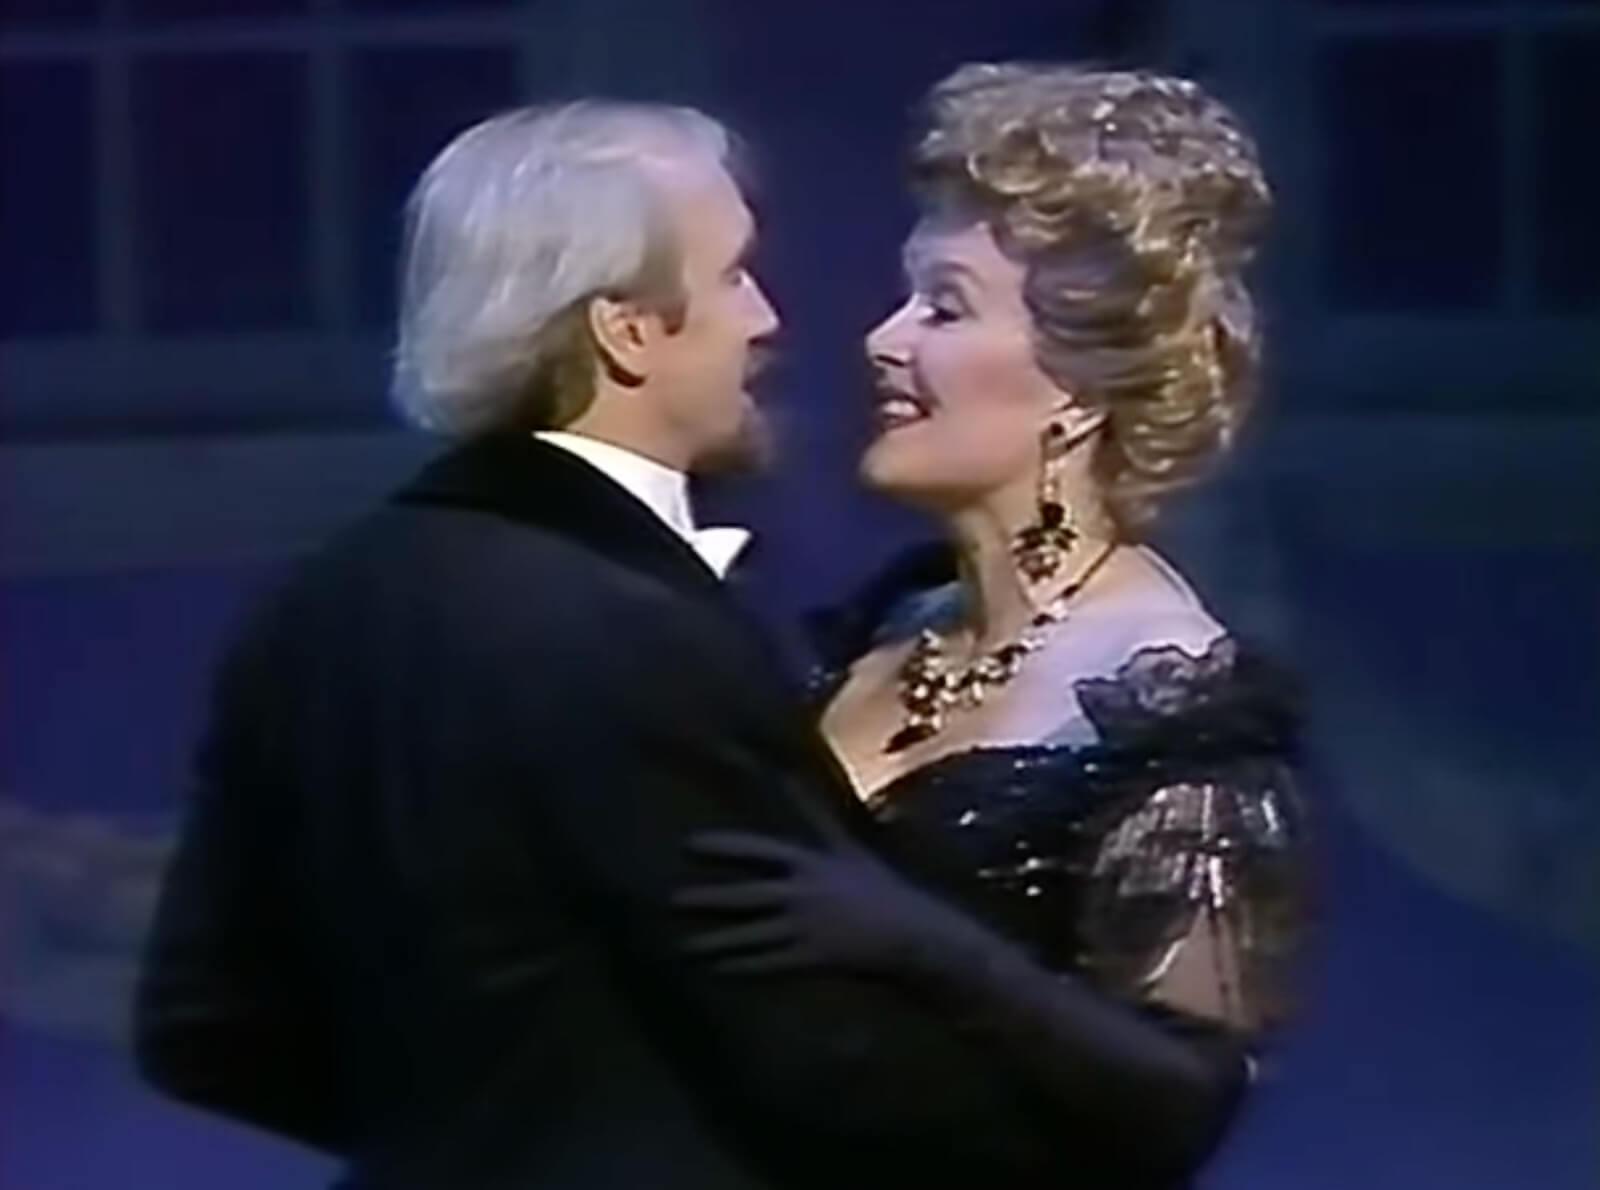 George Lee Andrews as Fredrik Egerman and Sally Ann Howes as Desiree Armfeldt waltzing in A Little Night Music.